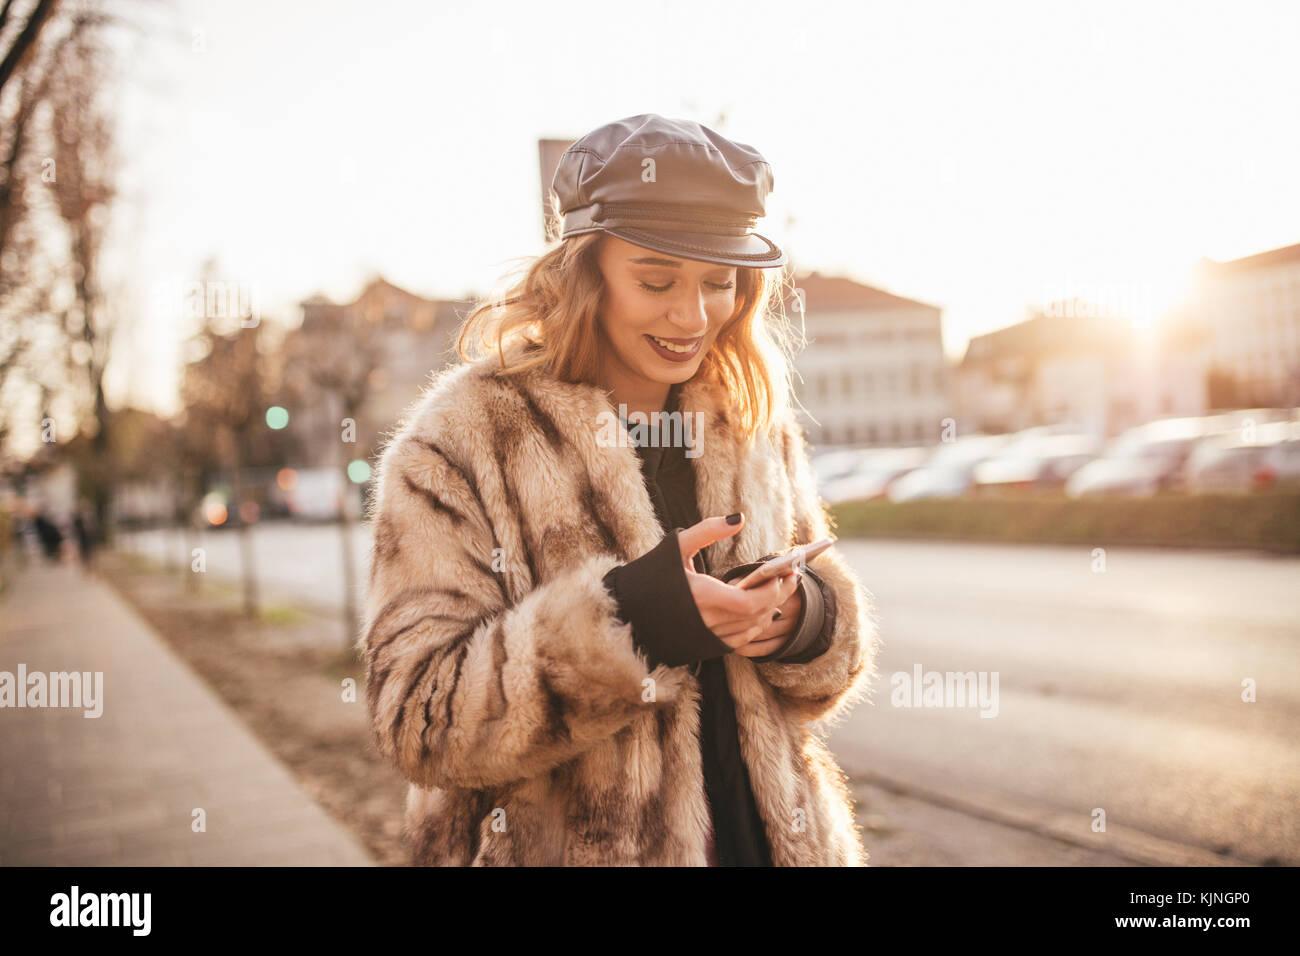 Beautiful Girl smiling et envoyer des messages sur son téléphone portable dans les rues de la ville Photo Stock